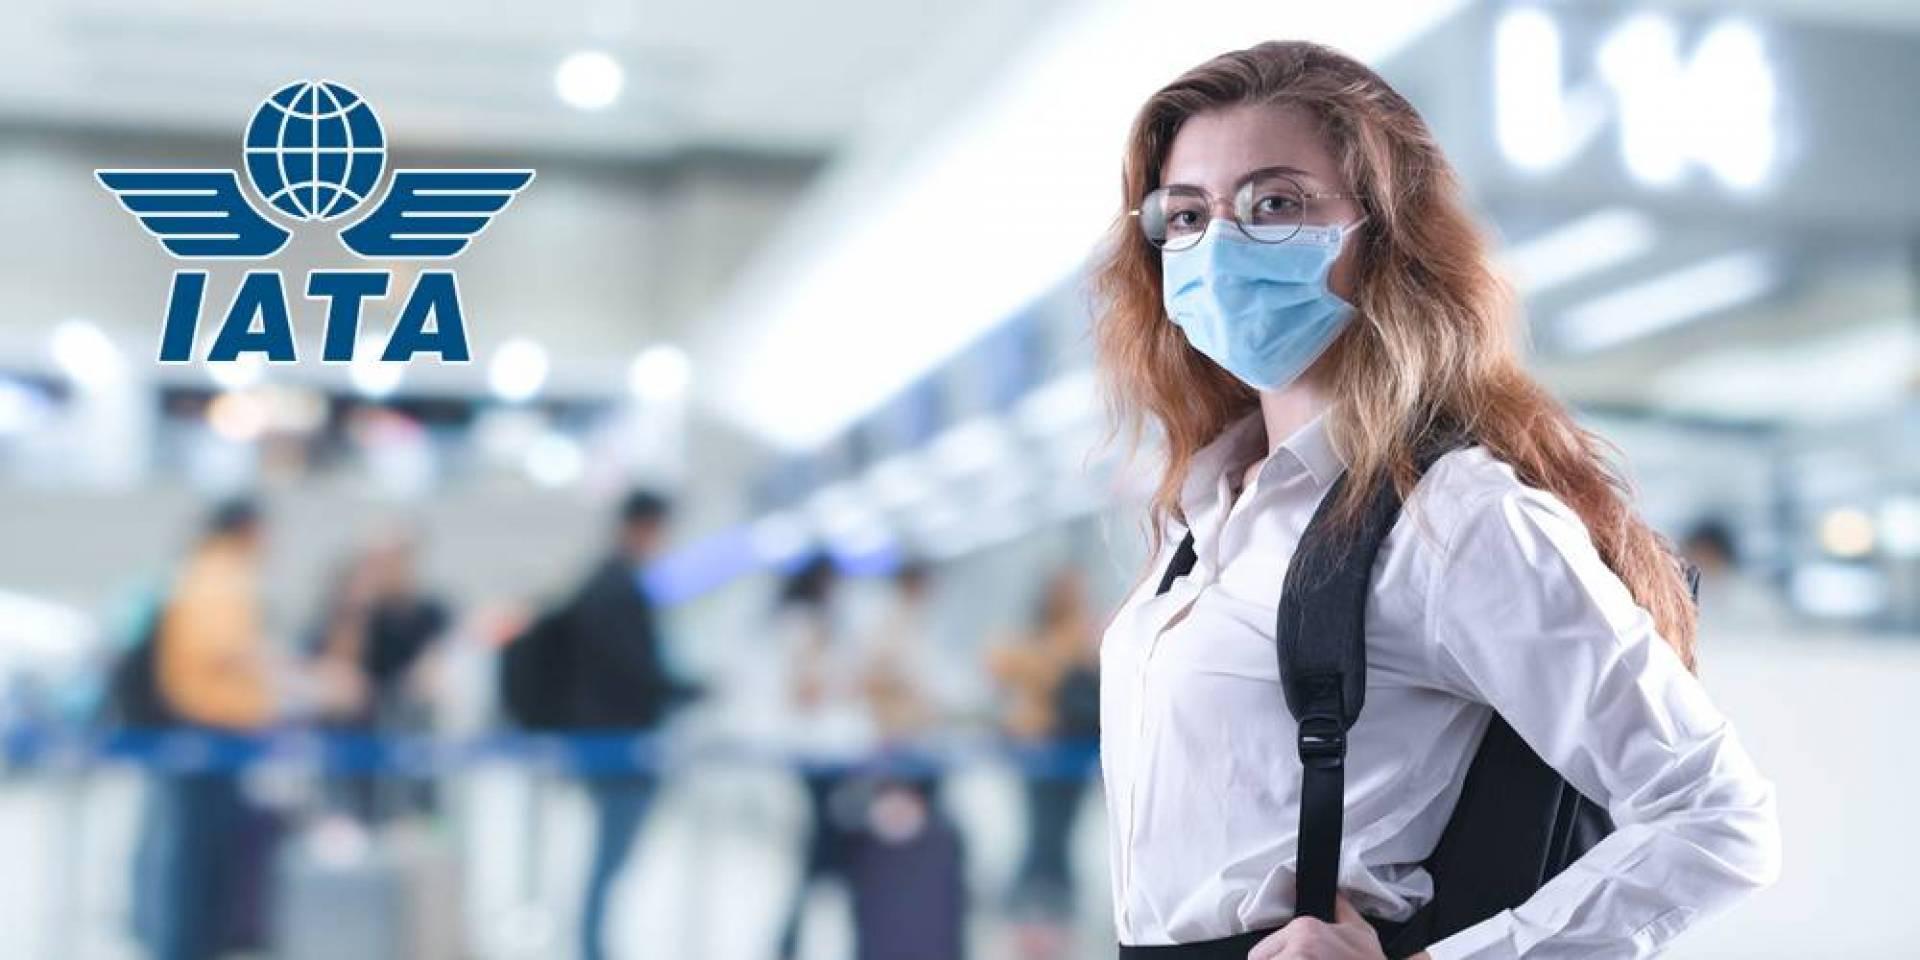 بلومبيرغ: «جواز سفر كورونا».. شرط لركوب الطائرات بعد اعتماد اللقاحات